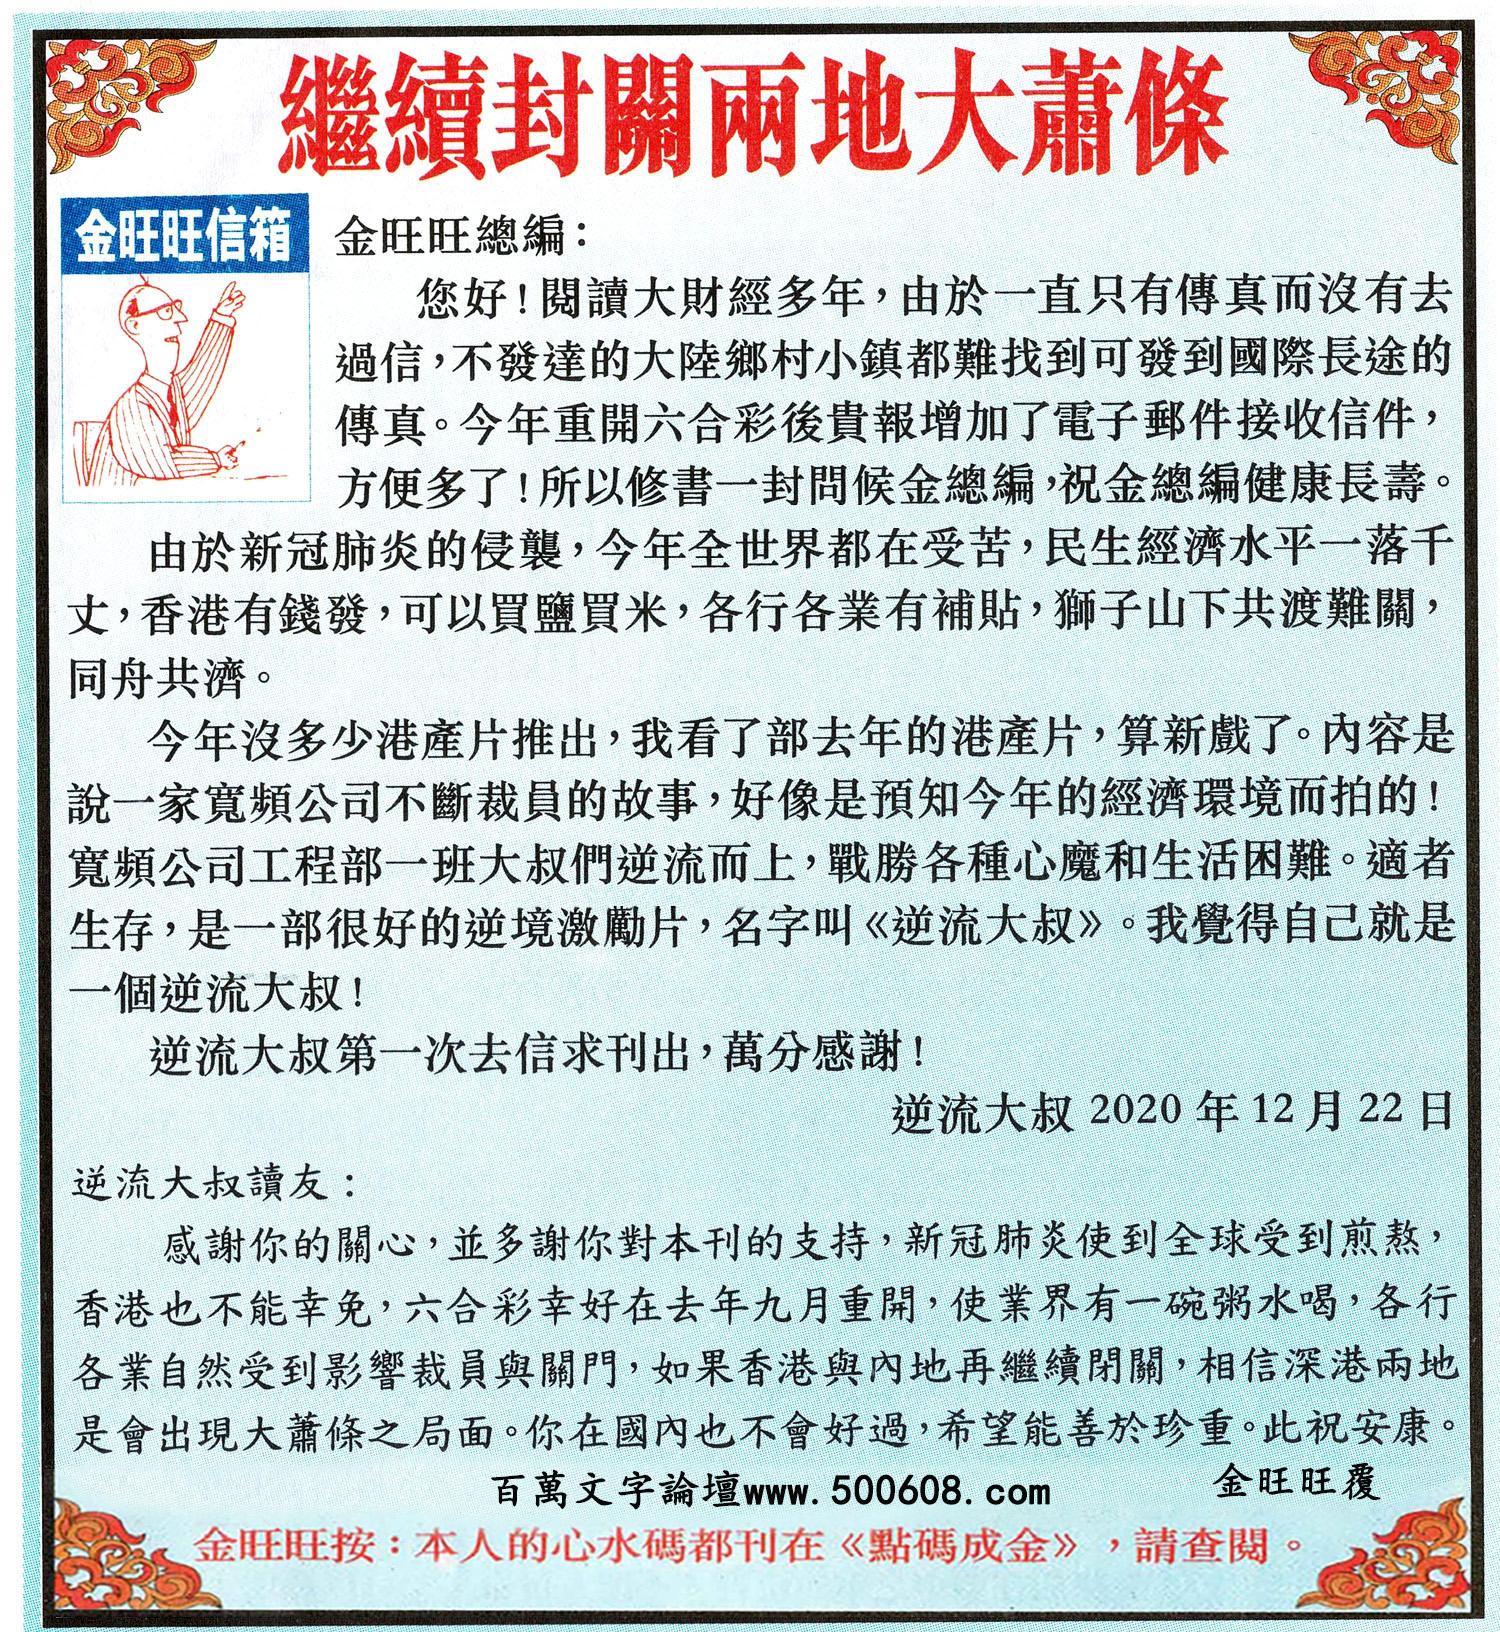 033期:金旺旺信箱彩民推荐→→《�^�m封�P�傻卮笫��l》